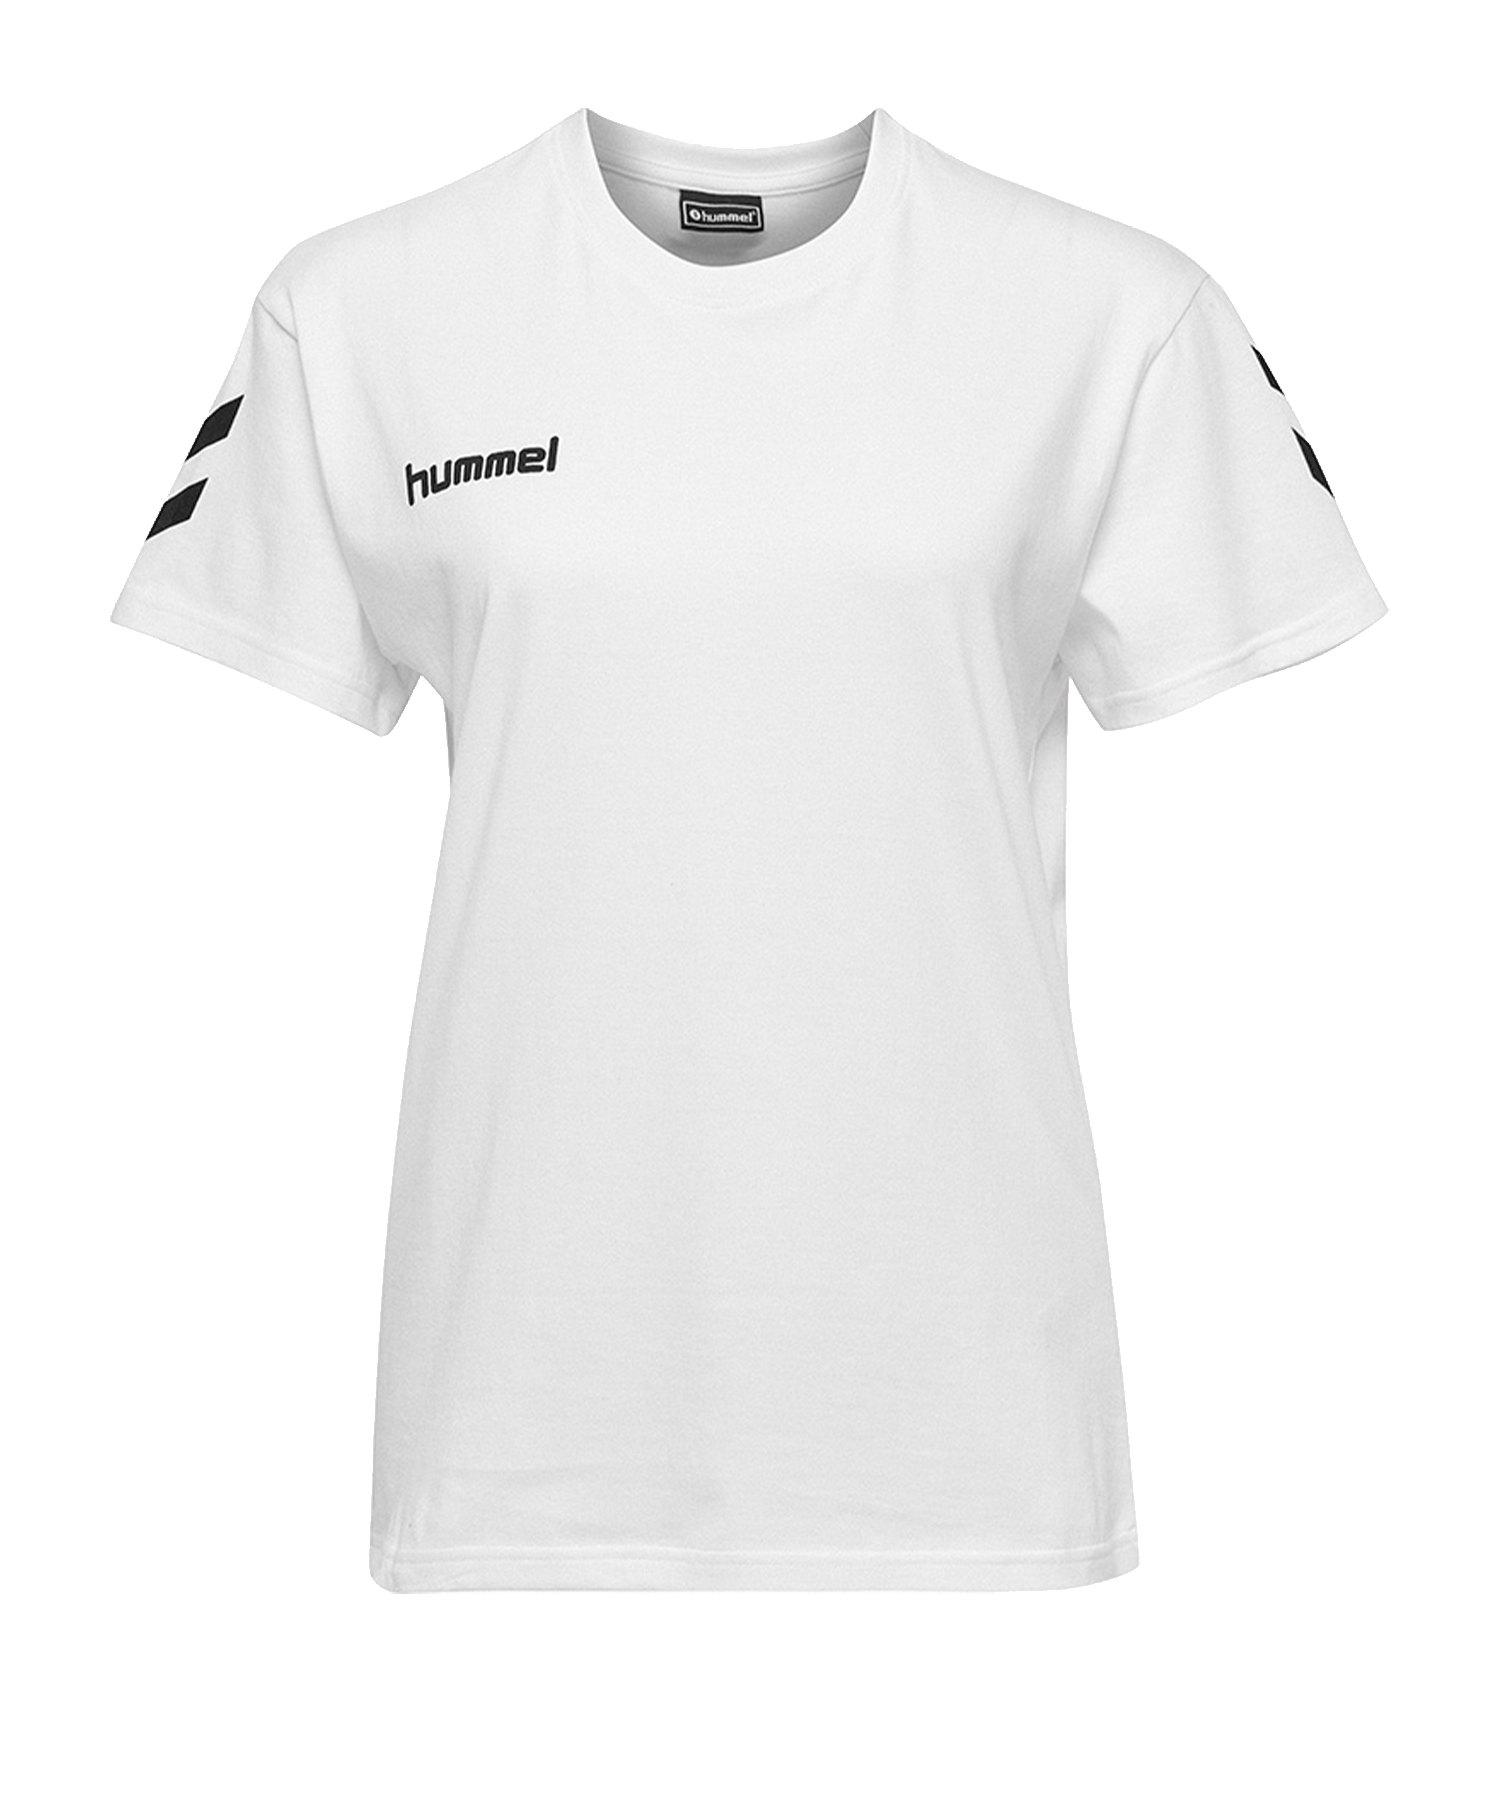 Hummel Cotton T-Shirt Damen Weiss F9001 - Weiss